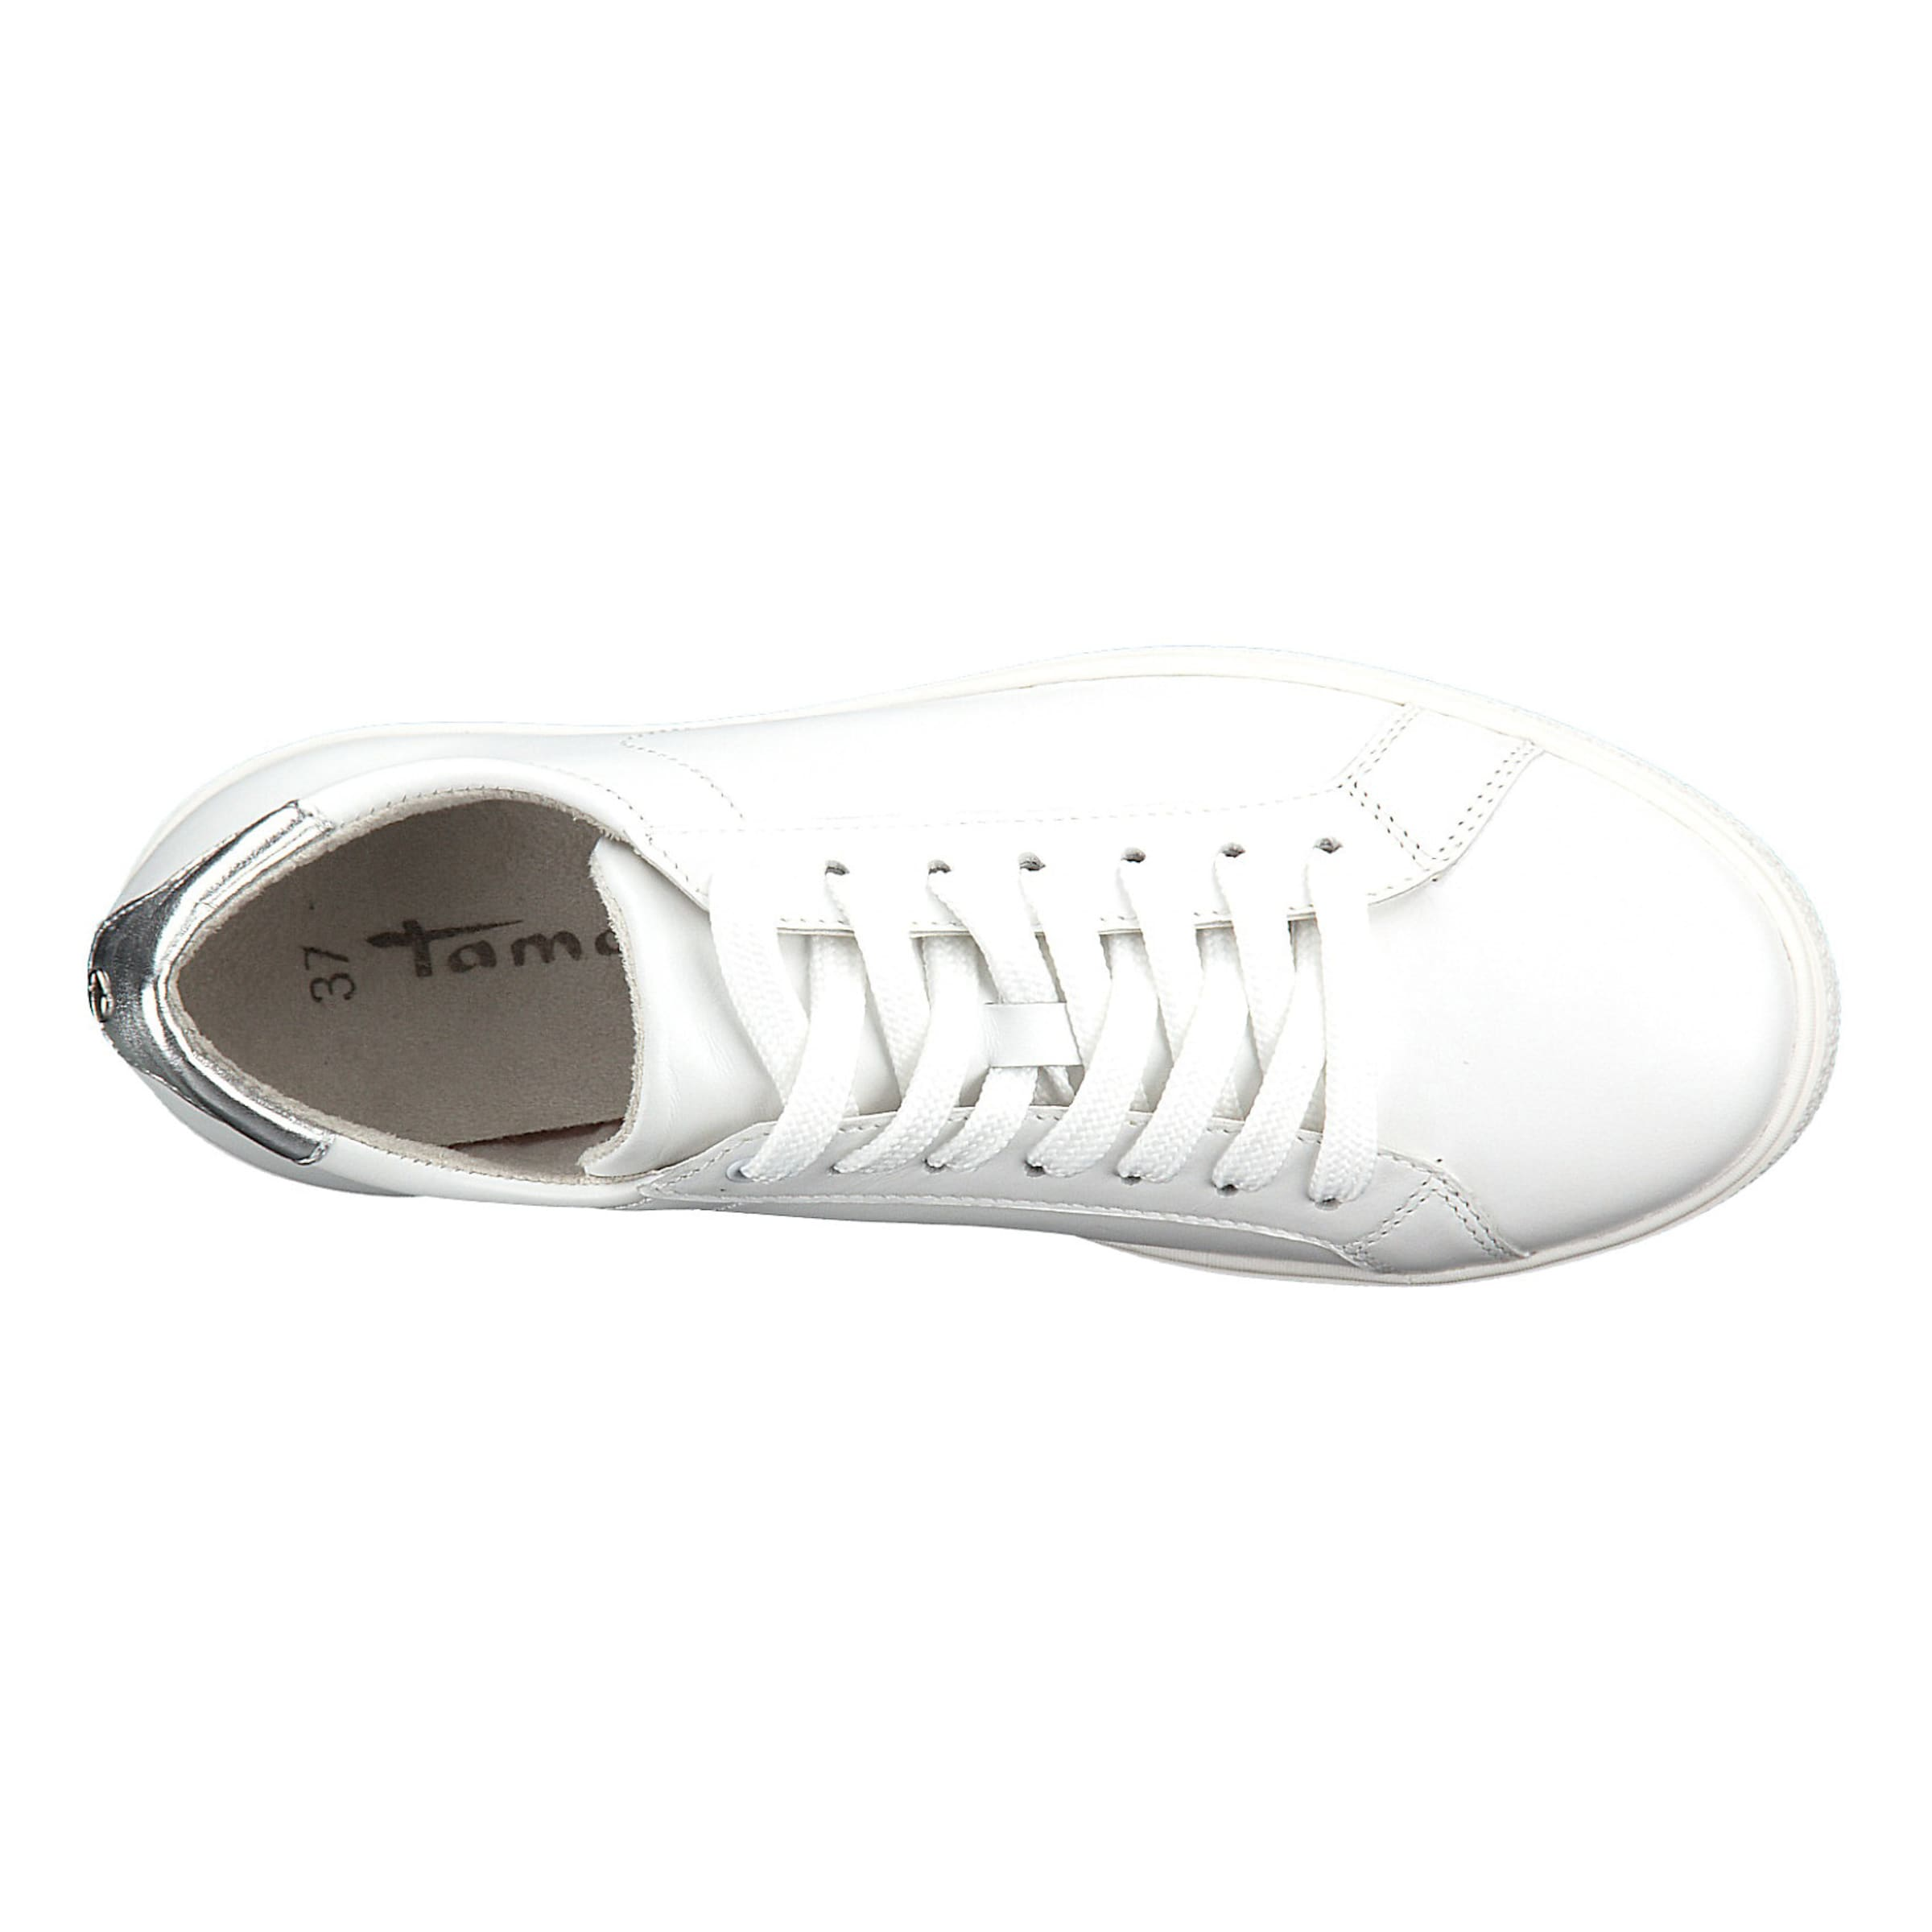 In Sneakers SilberWeiß Tamaris SilberWeiß Sneakers Tamaris SilberWeiß In Tamaris In Tamaris Sneakers Sneakers qSMGUpzV